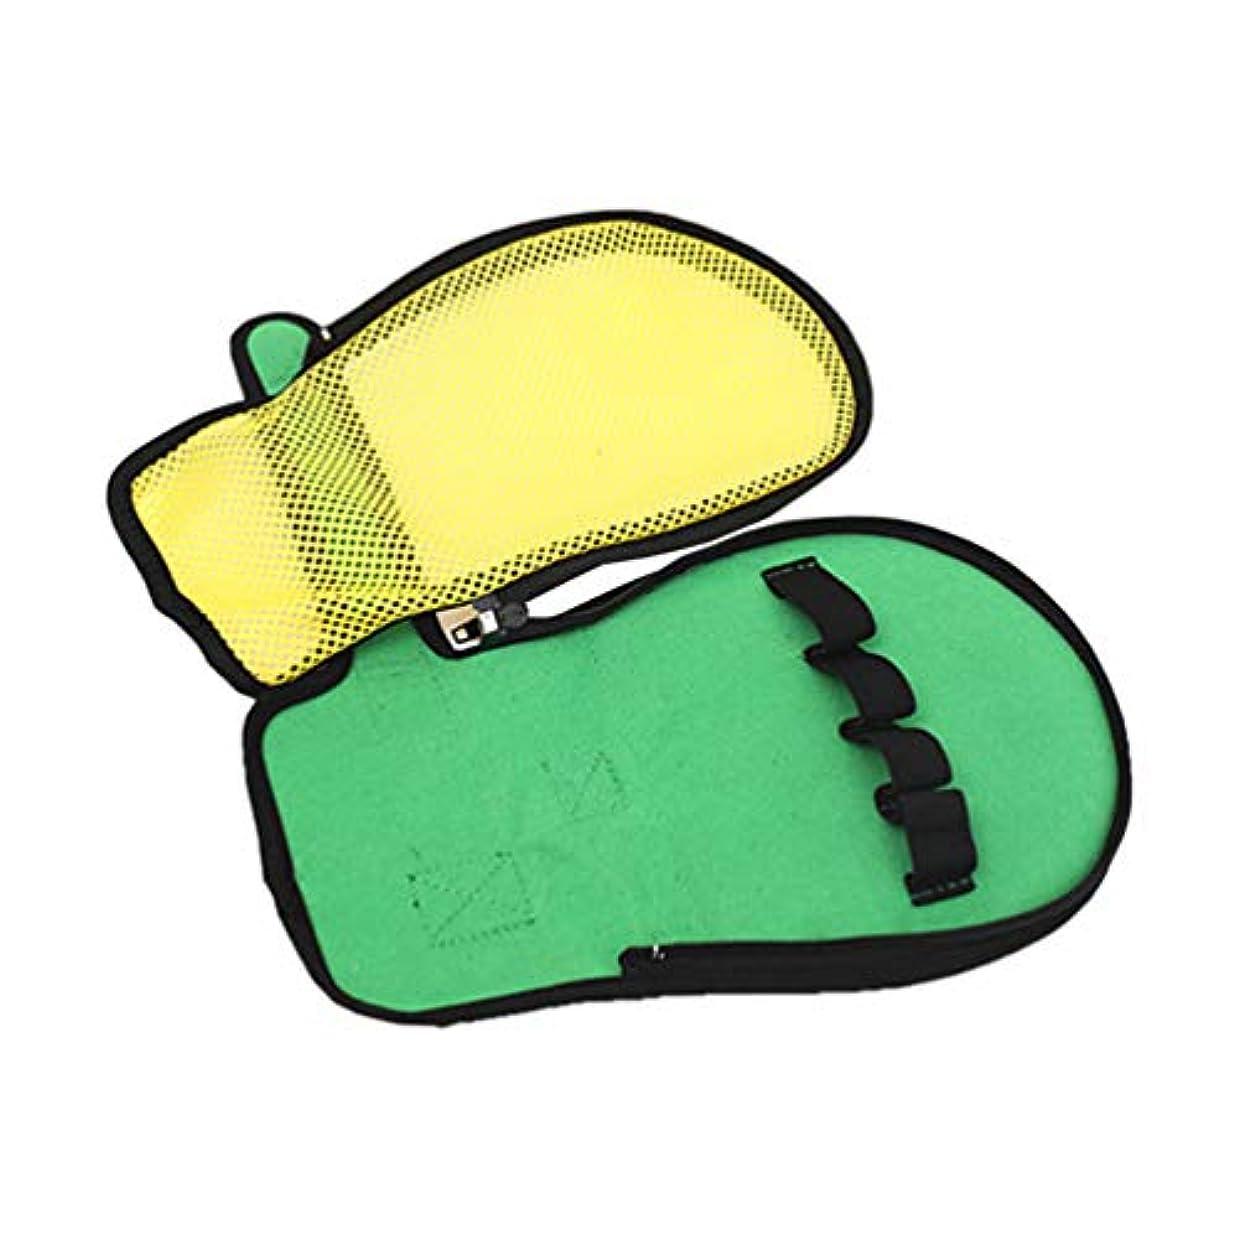 健康アレルギー性発送Frcolor フィンガーコントロールミット取り外し可能通気性肥厚傷をつかみ止め拘束グローブ手首固定グローブ5指固定ベルト感染予防患者用